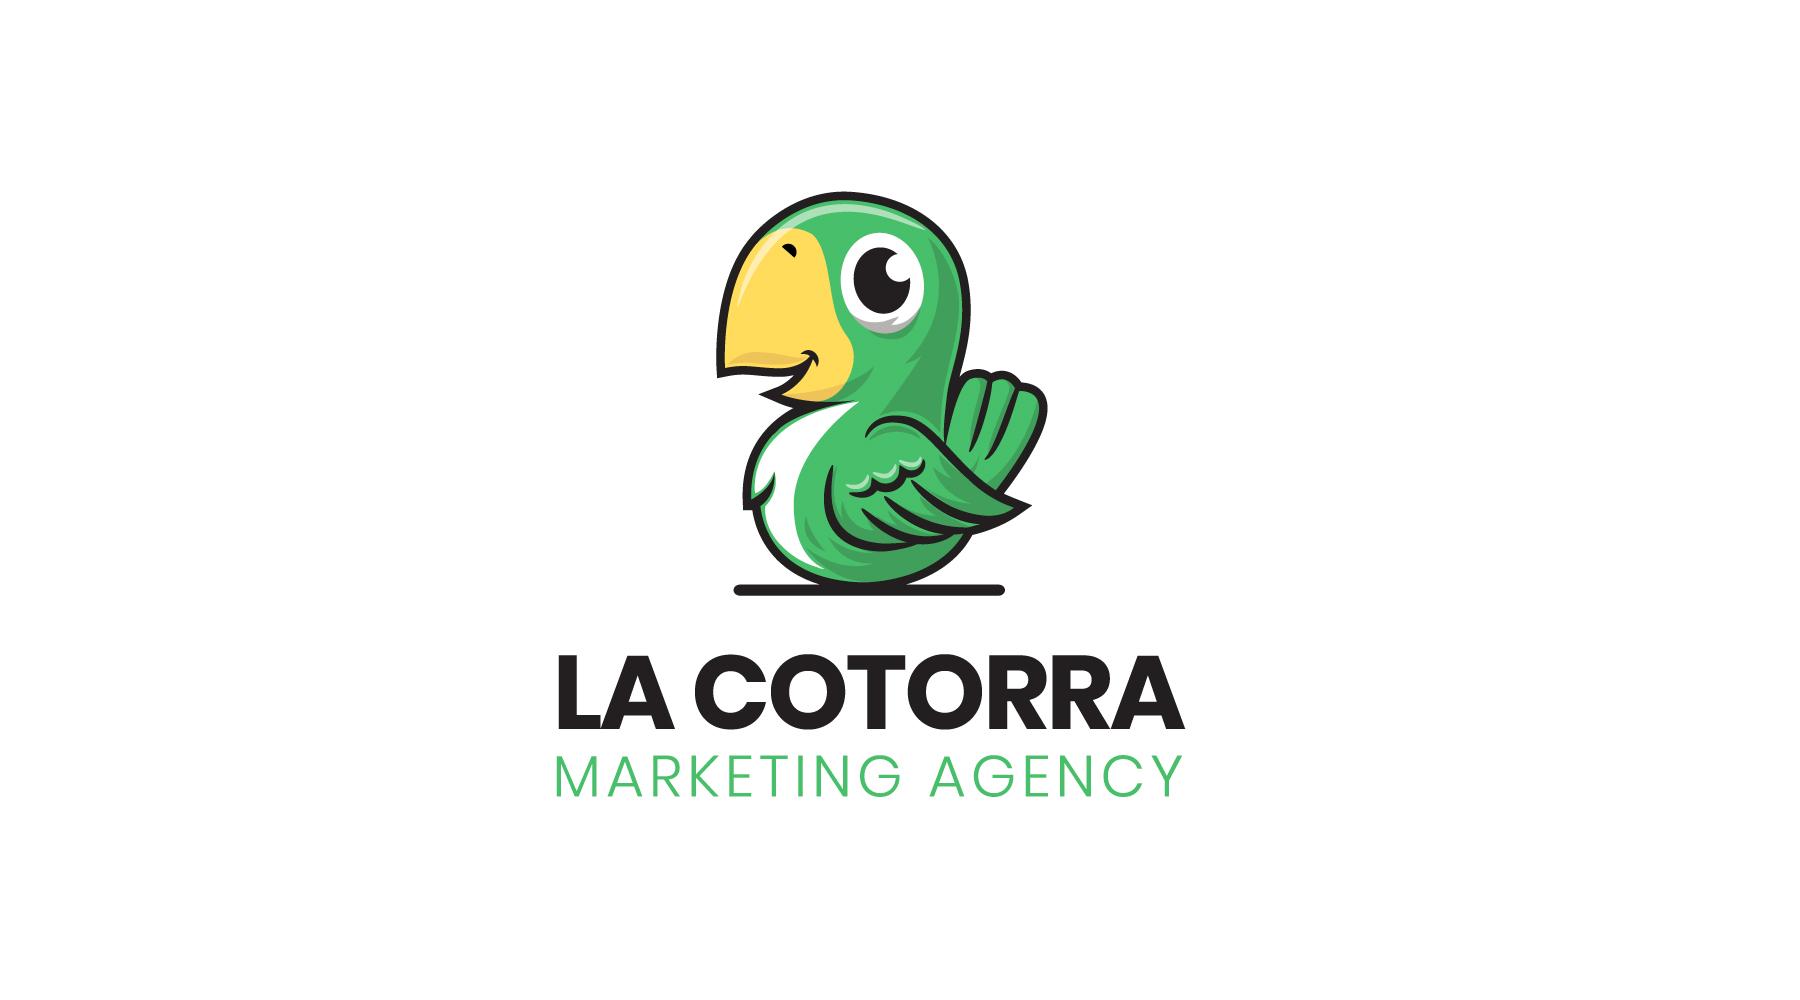 Diseño de logotipo para agencia de marketing